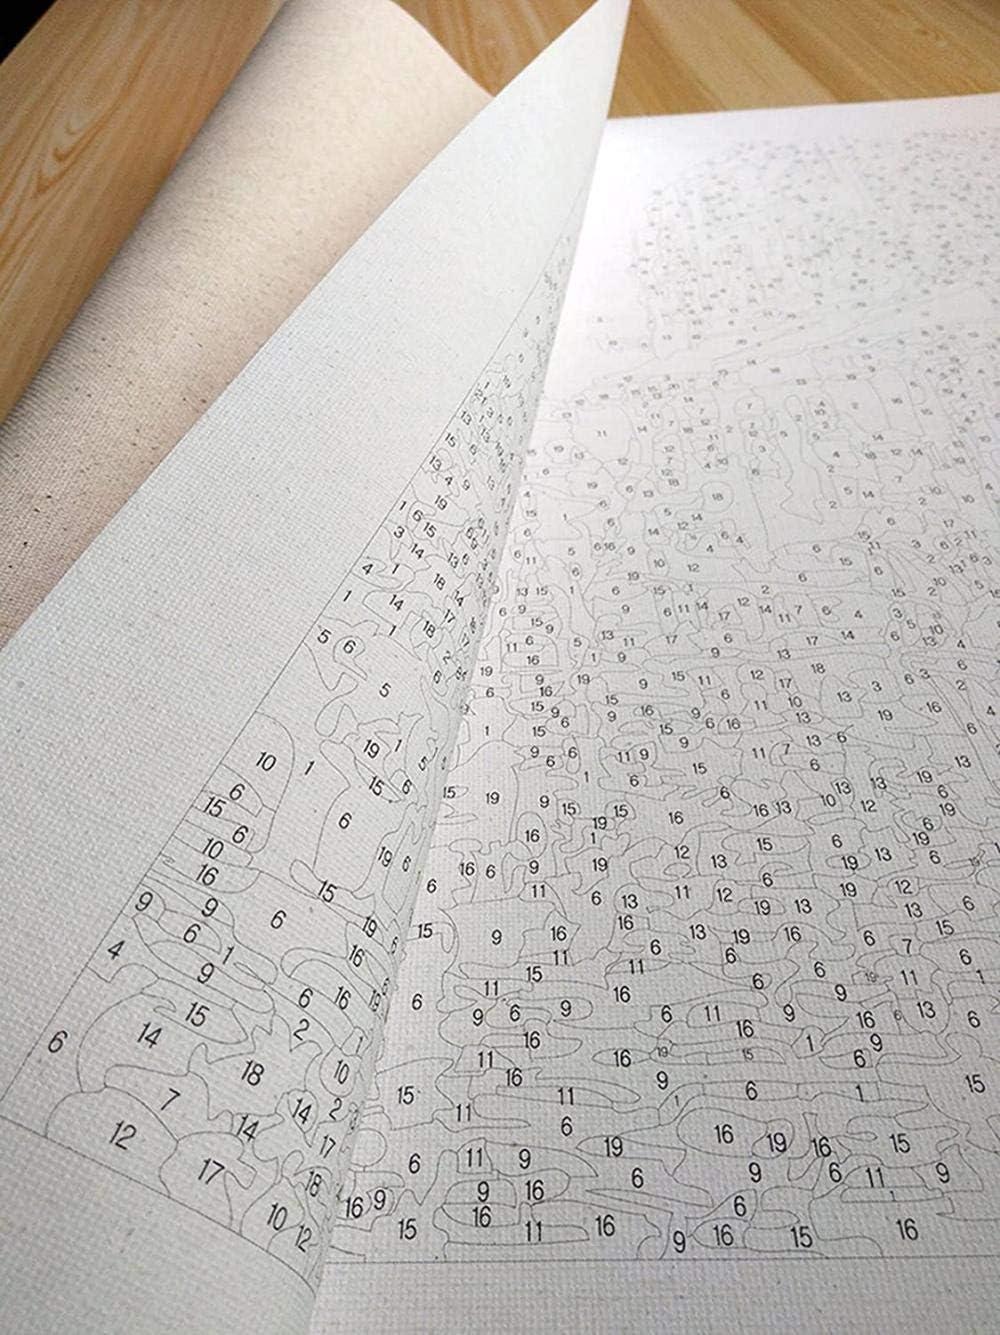 40 x 50 cm, senza bordo Usa il numero del kit con pennello e vernice acrilica per dipingere